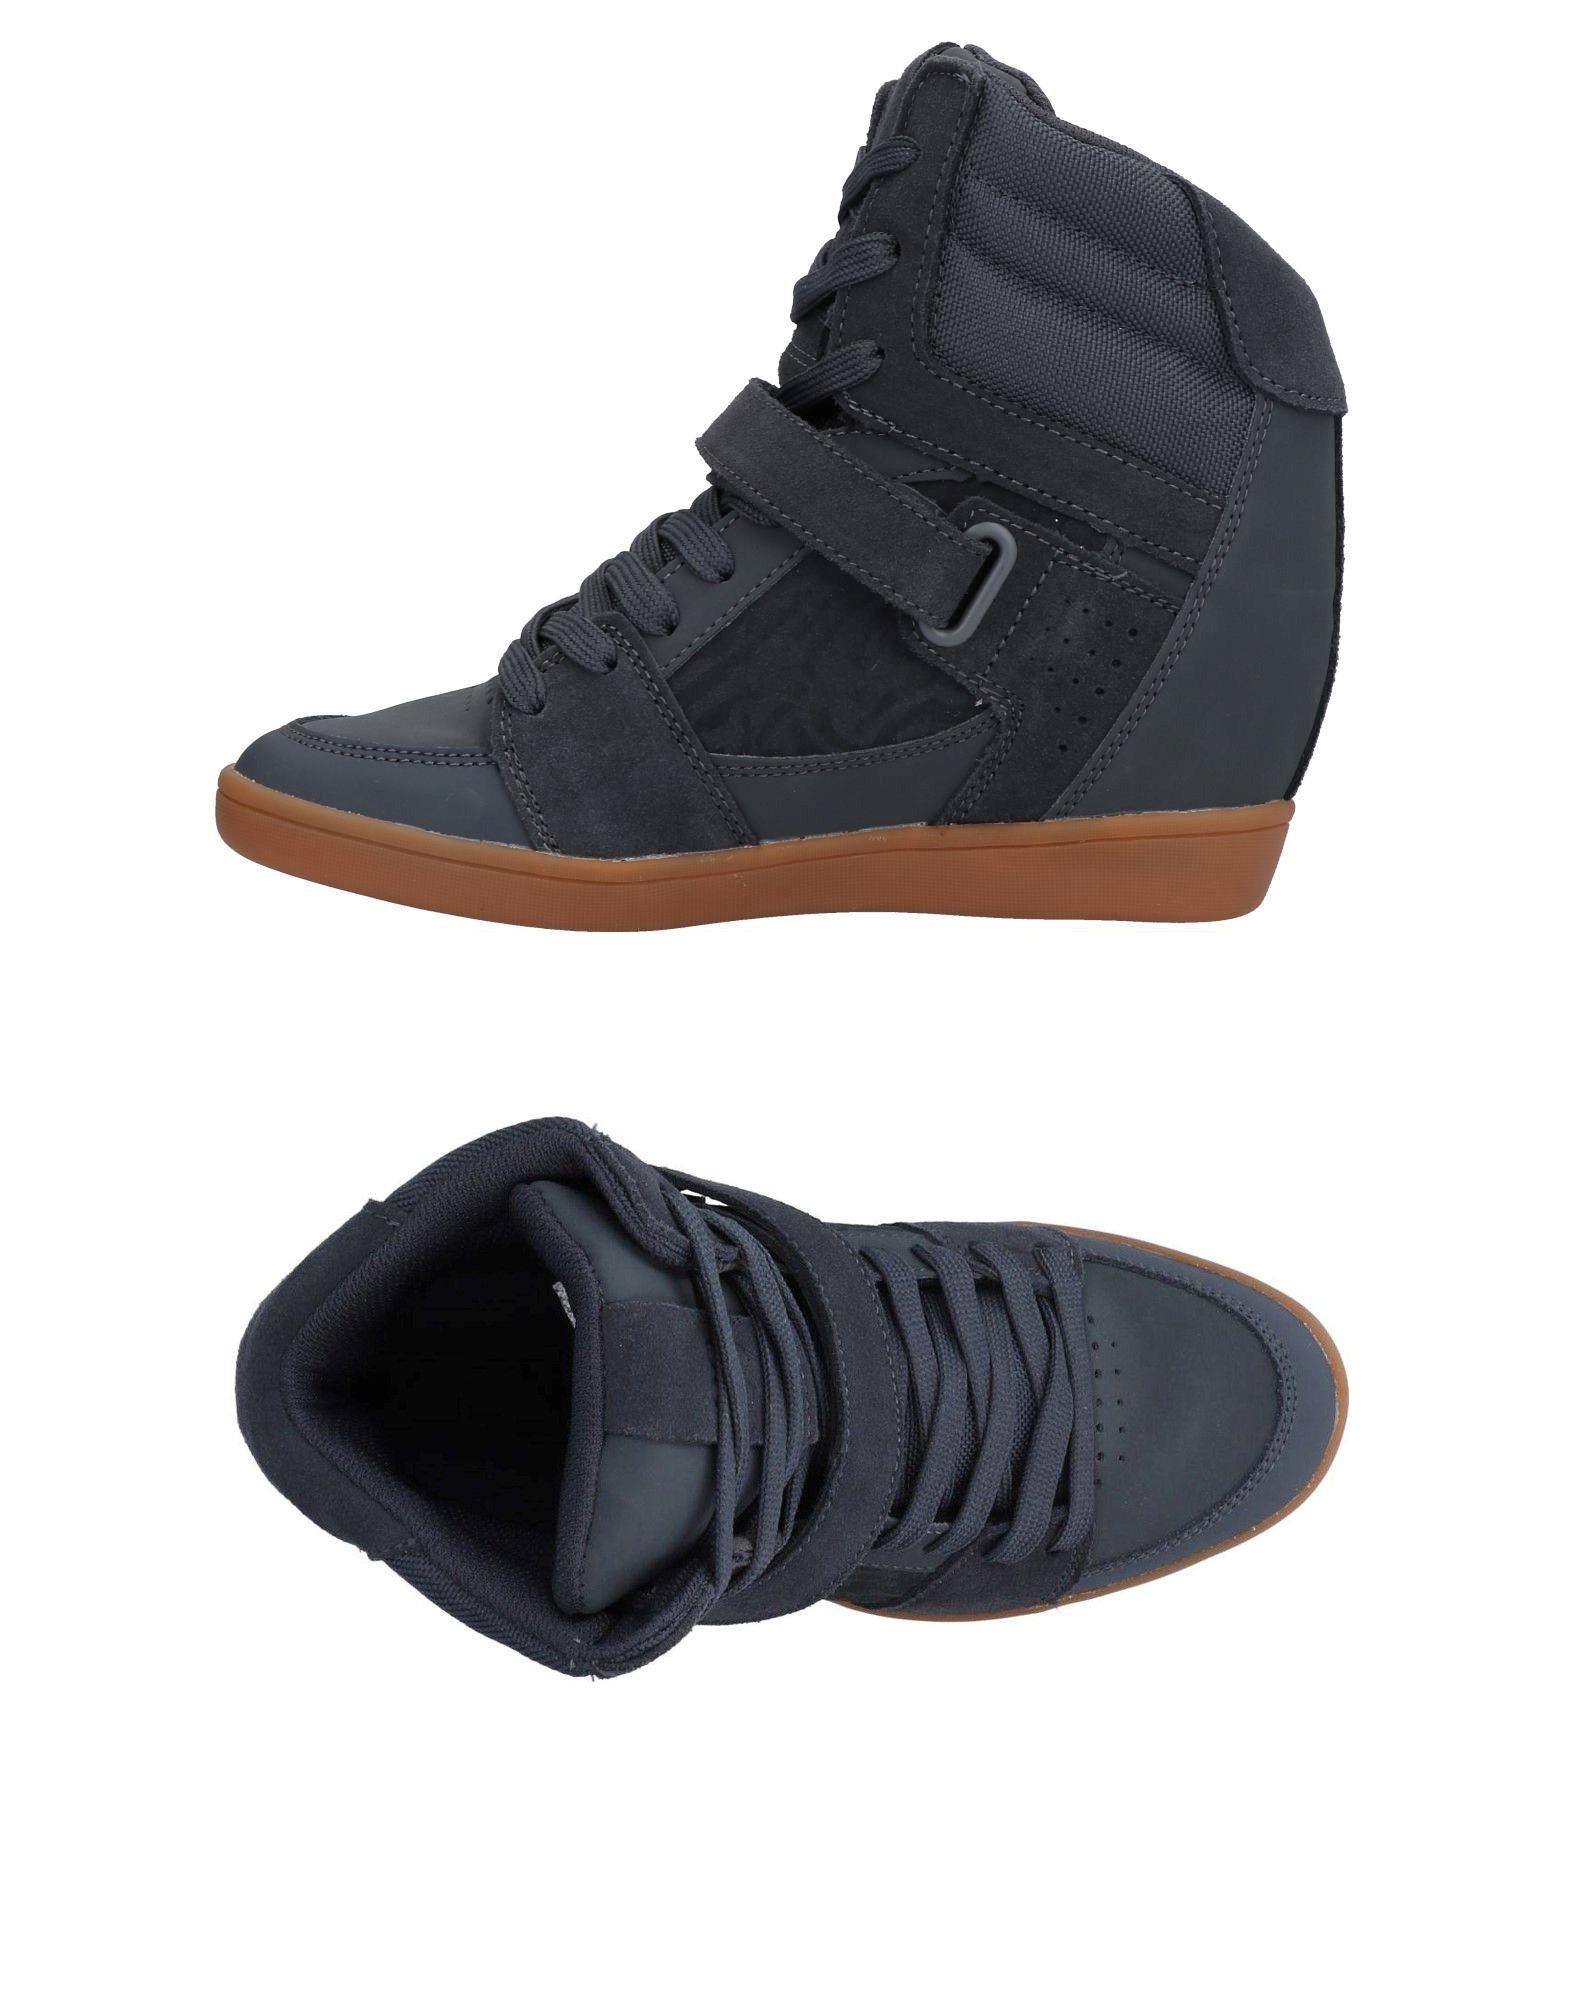 DC SHOECOUSA Высокие кеды и кроссовки кеды кроссовки высокие женские dc rebound high tx navy gum